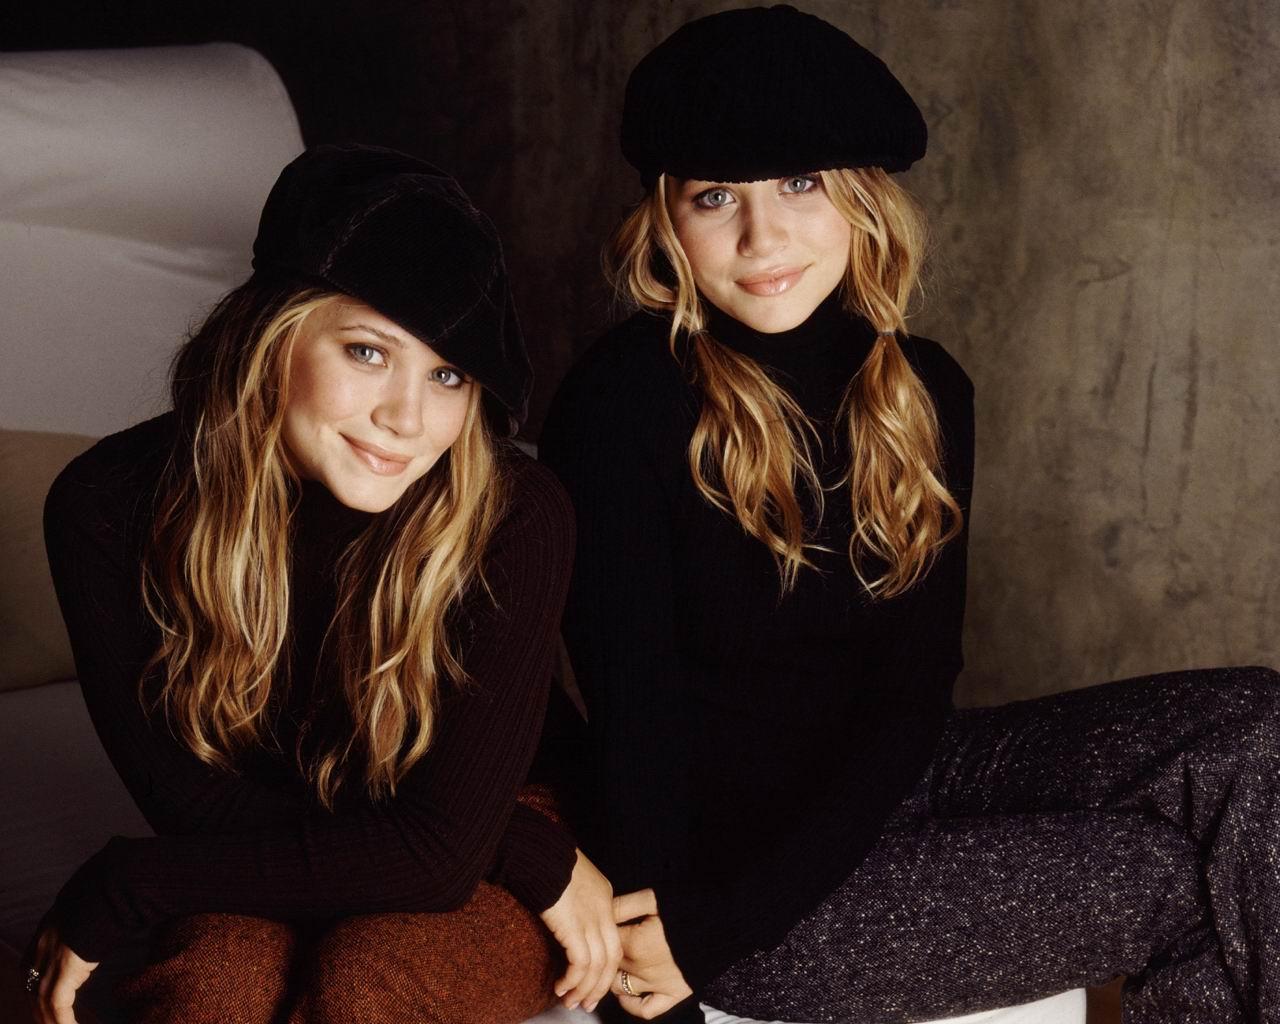 http://1.bp.blogspot.com/-42HS0HFqU0Y/Tr9_zOAbZqI/AAAAAAAAAZY/_XGovaf06PU/s1600/mary_kate_and_Ashley_olsen0087.jpg